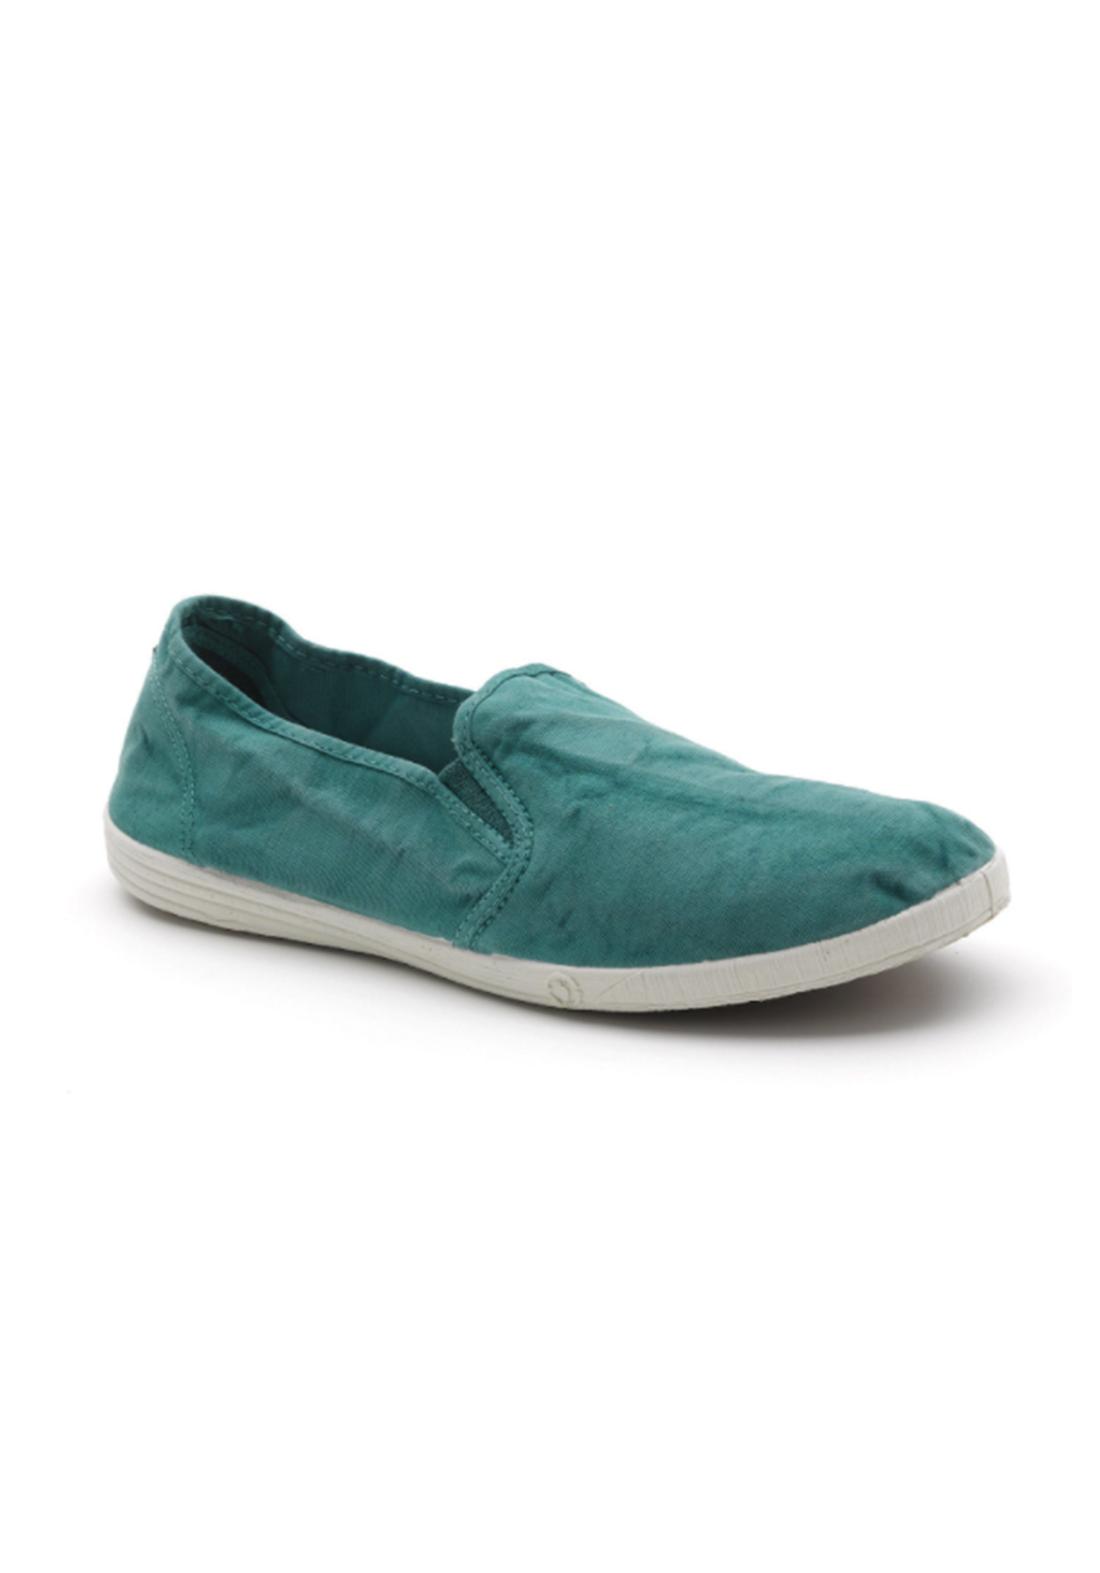 World Natural Eco حذاء كاجول اخضر اللون من